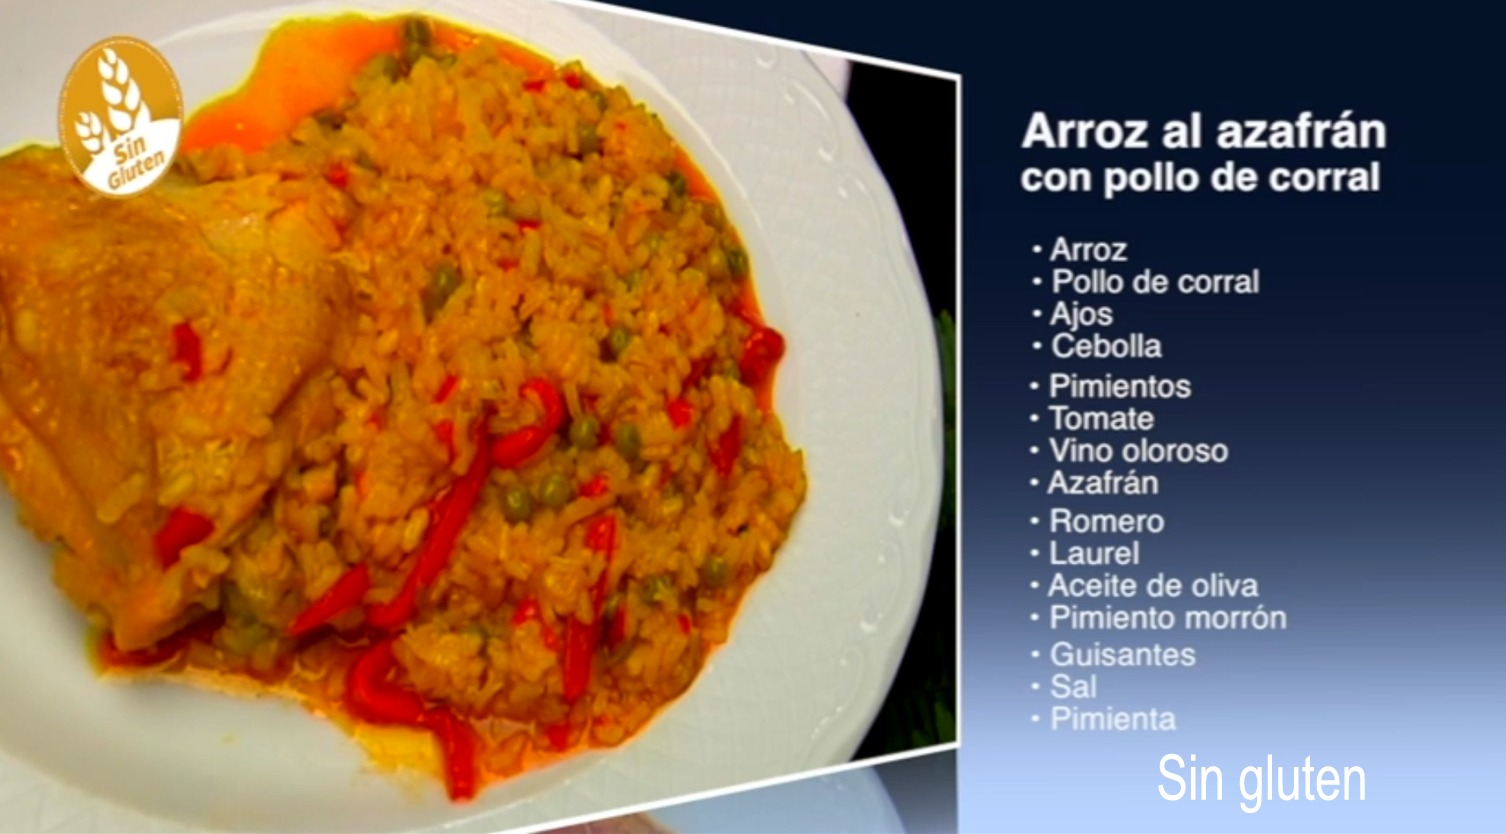 arroz-al-azafran-con-pollo-de-corral-sin-gluten-del-restaurante-sociedad-plateros-maria-auxiliadora